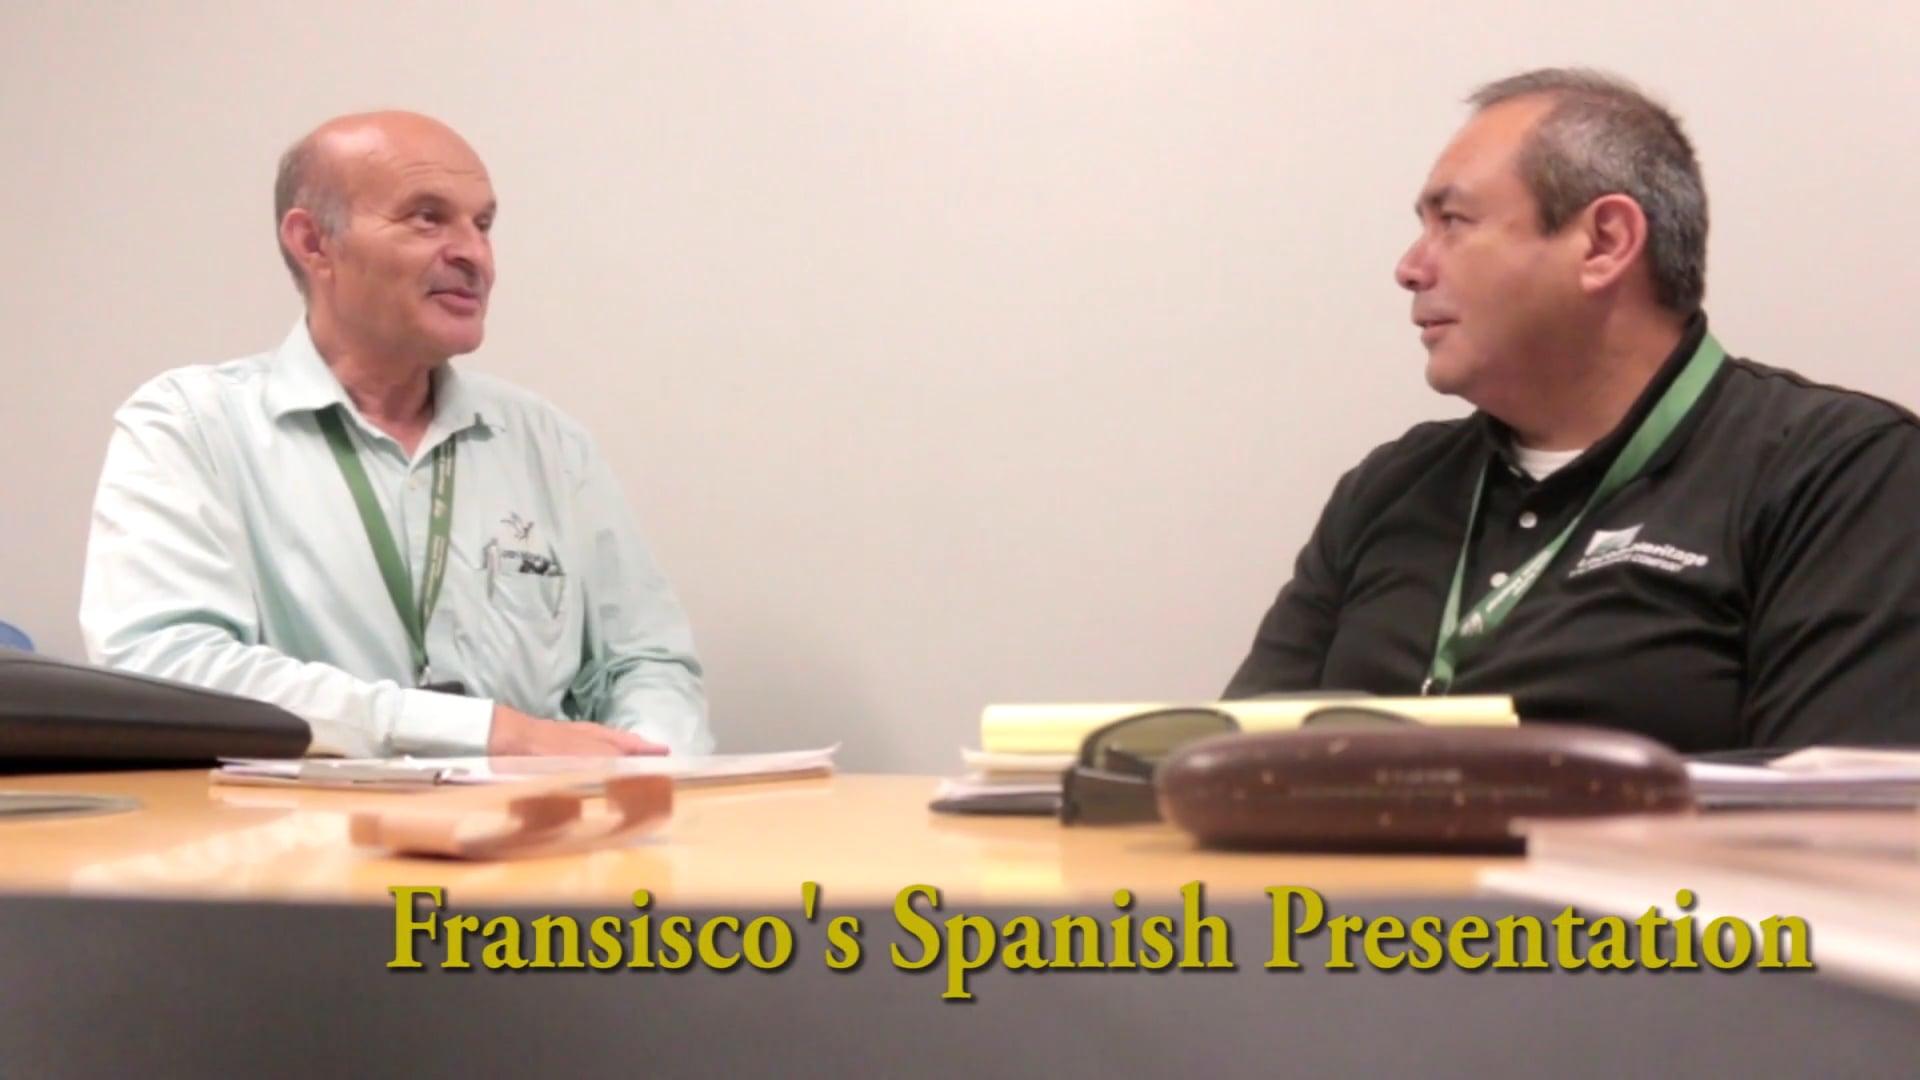 Fransisco's Spanish Presentation